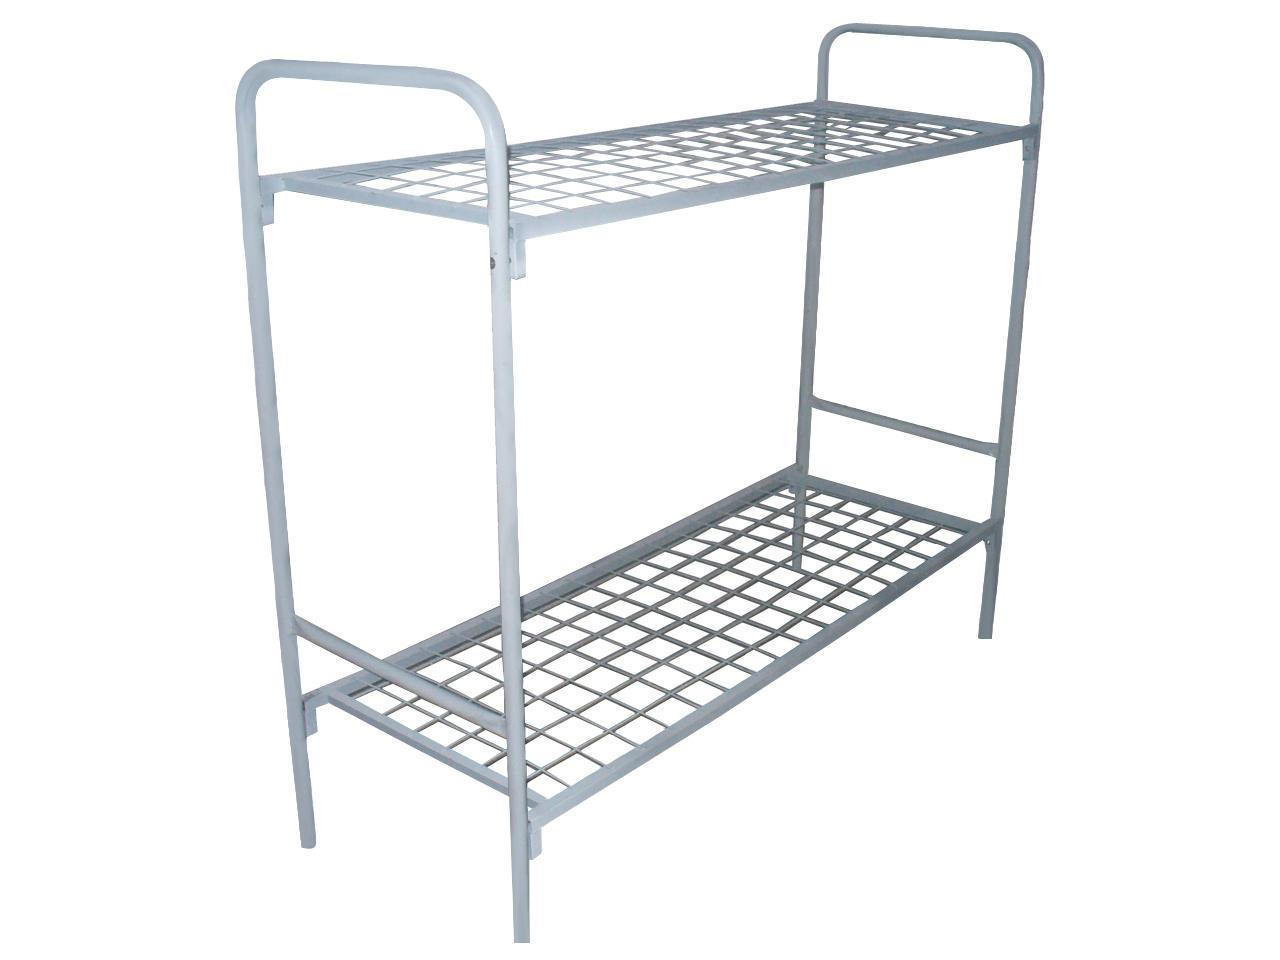 Для общежитий, армейские кровати металлические  | фото 1 из 6